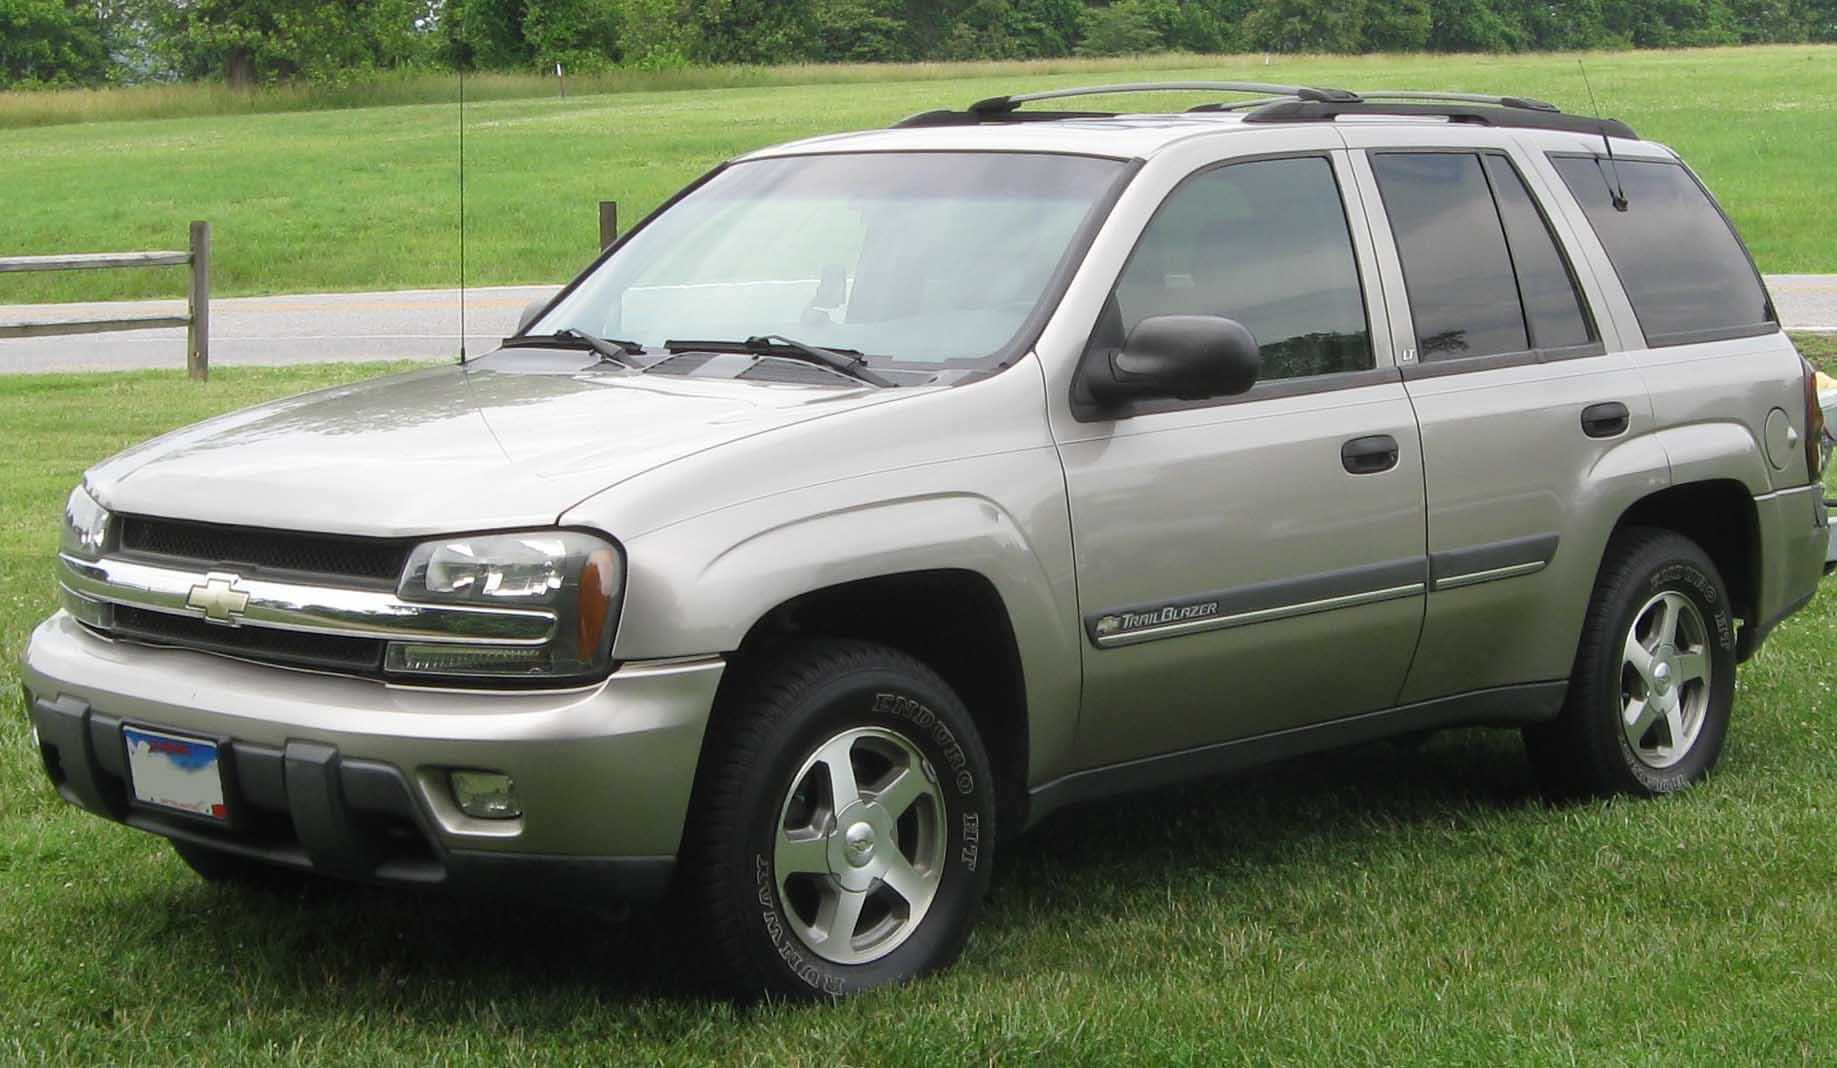 Chevrolet_TrailBlazer_--_06-05-2010